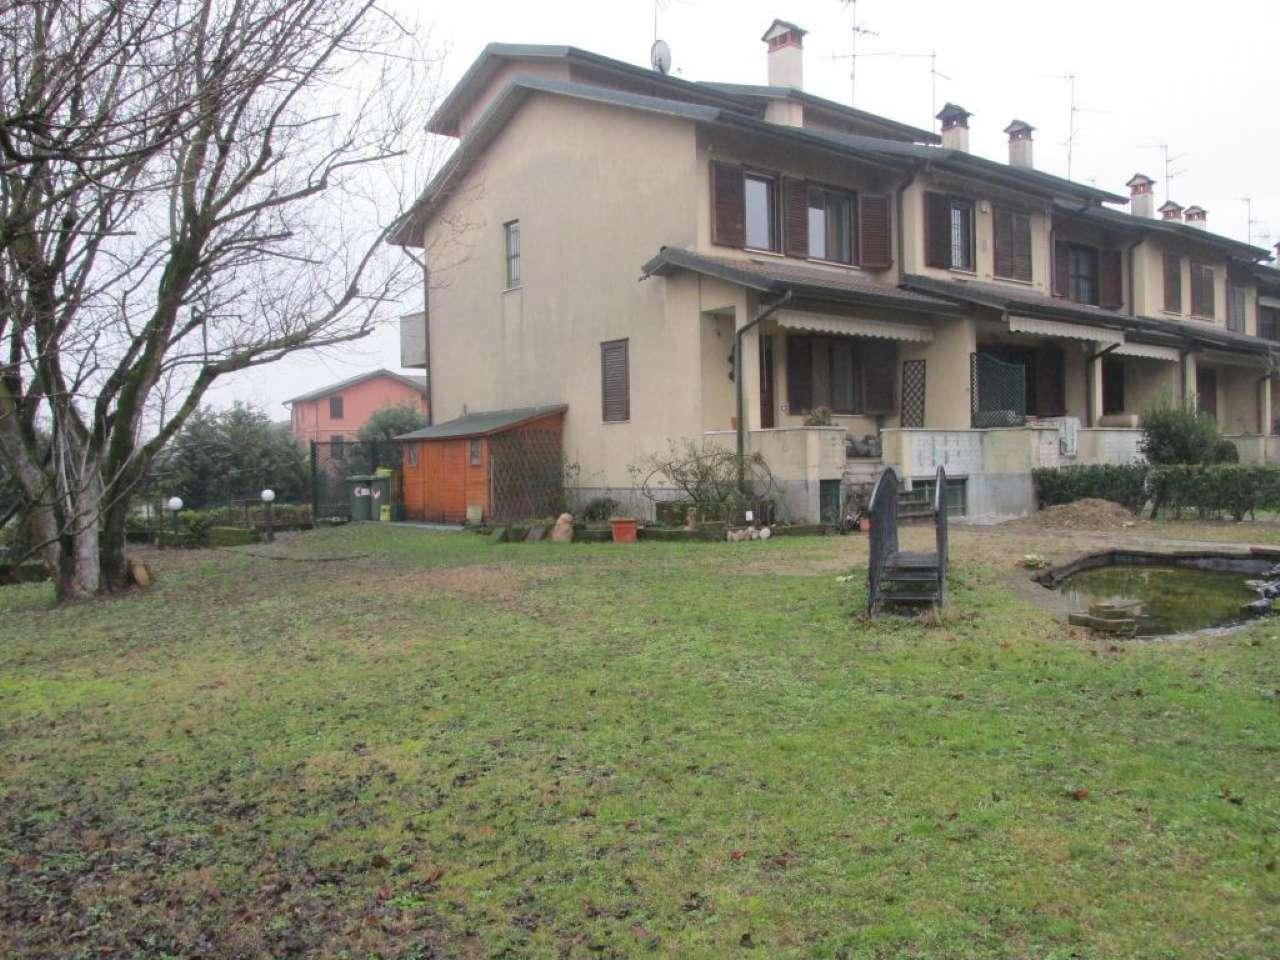 Villetta in Vendita a Rodano: 3 locali, 170 mq